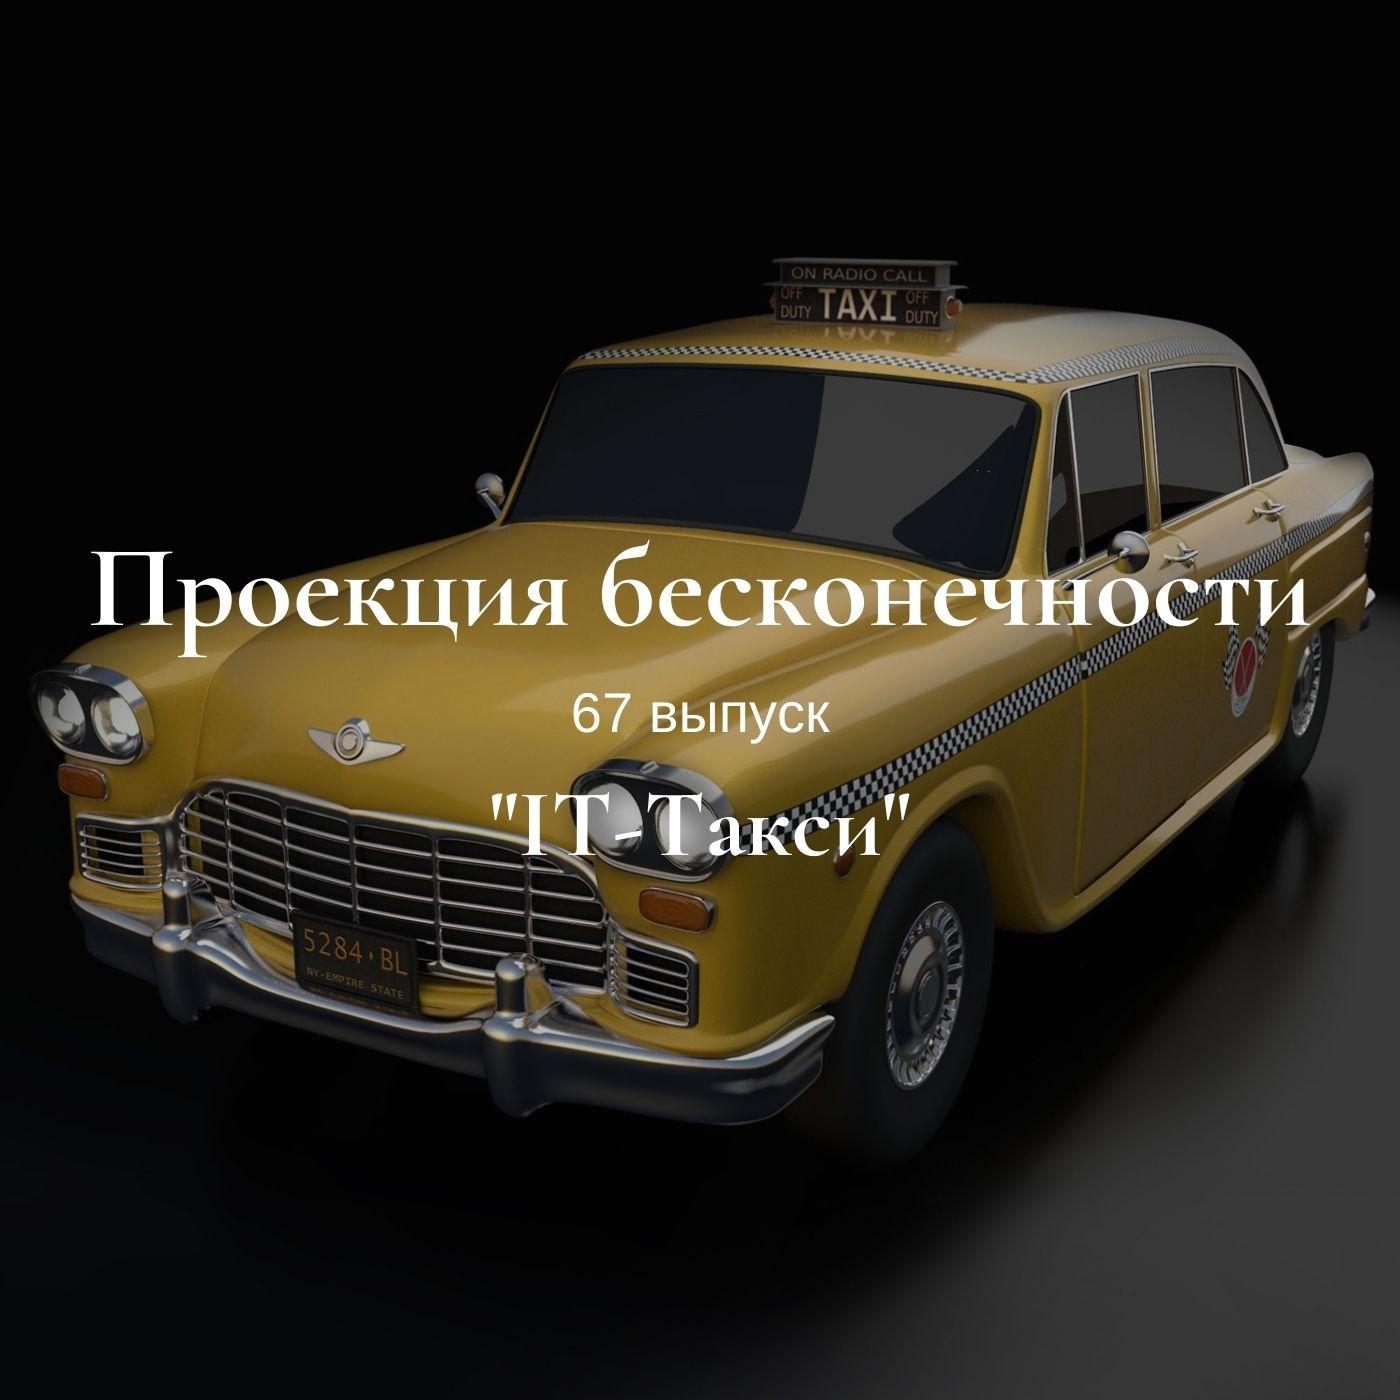 IT-Такси